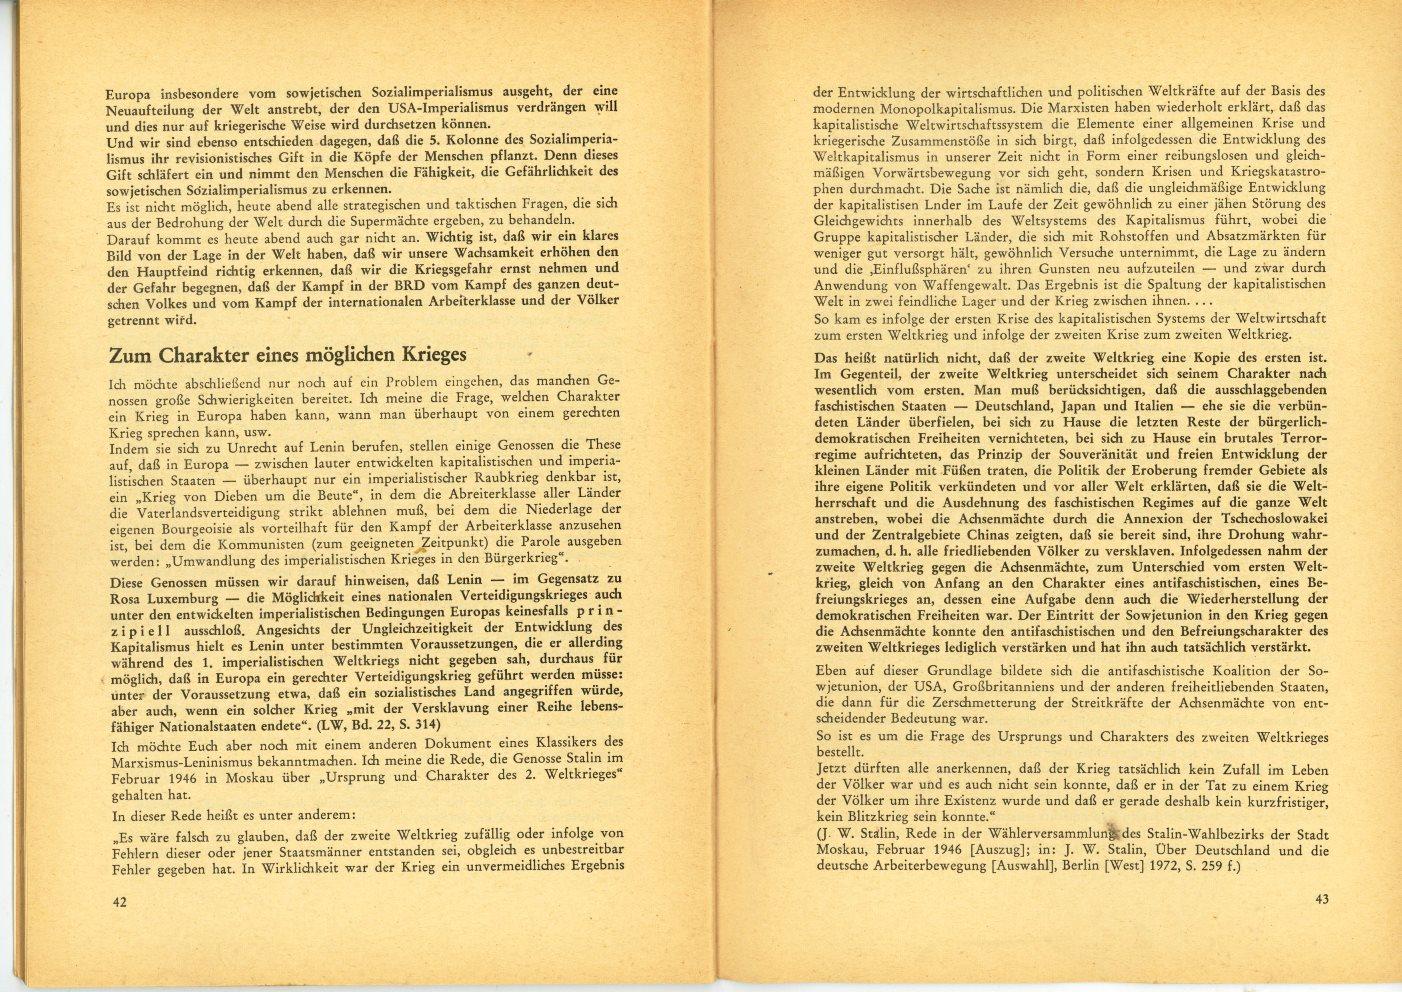 KPDAO_1975_30_Jahrestag_der_Befreiung_vom_Faschismus_23